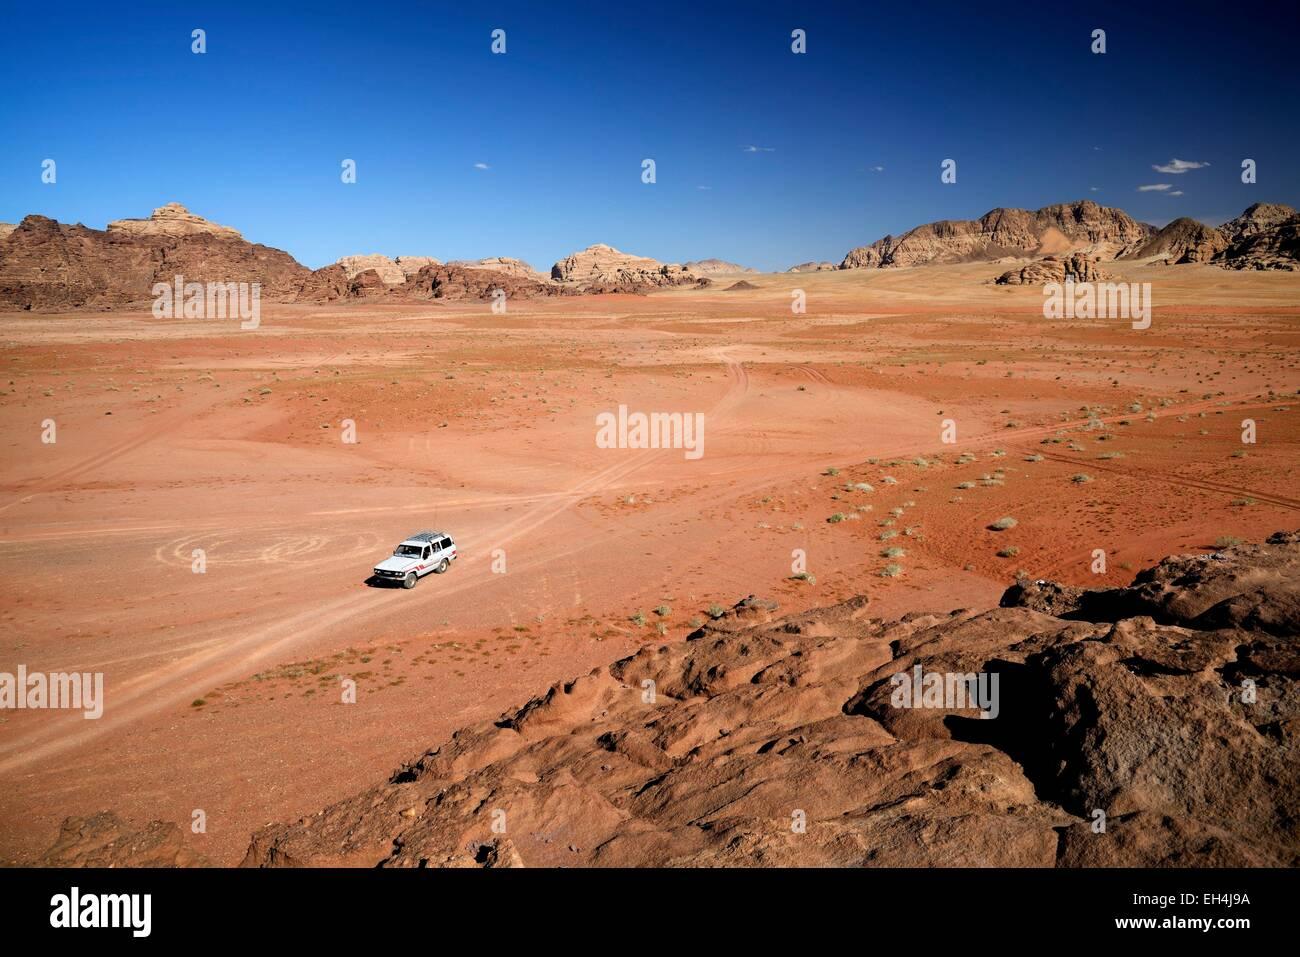 Jordania, Wadi Rum desert, espacio protegido catalogado como Patrimonio de la Humanidad por la UNESCO, el coche, Imagen De Stock